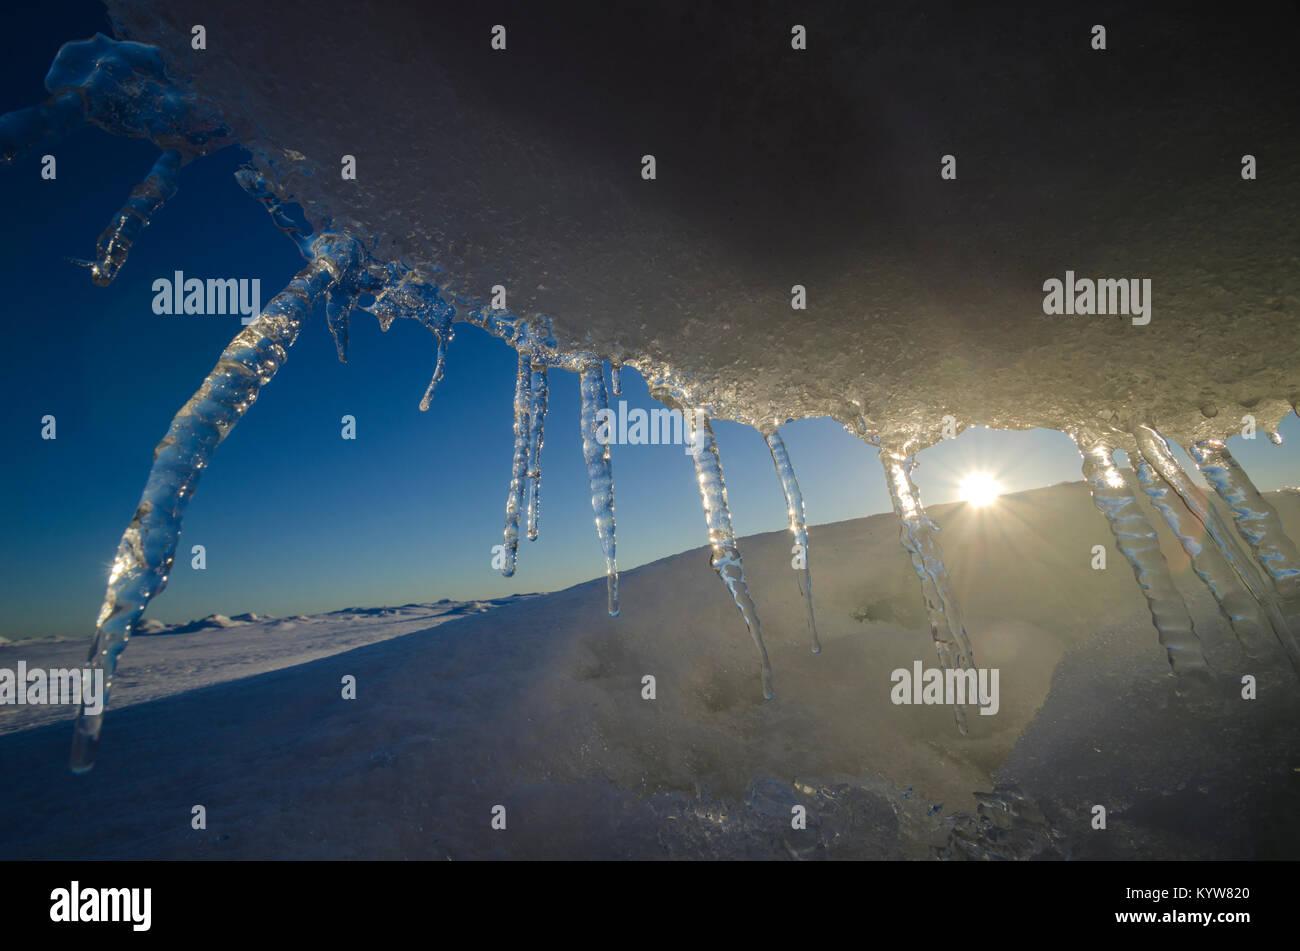 Die eisscholle am Ufer des Weißen Meeres Stockbild